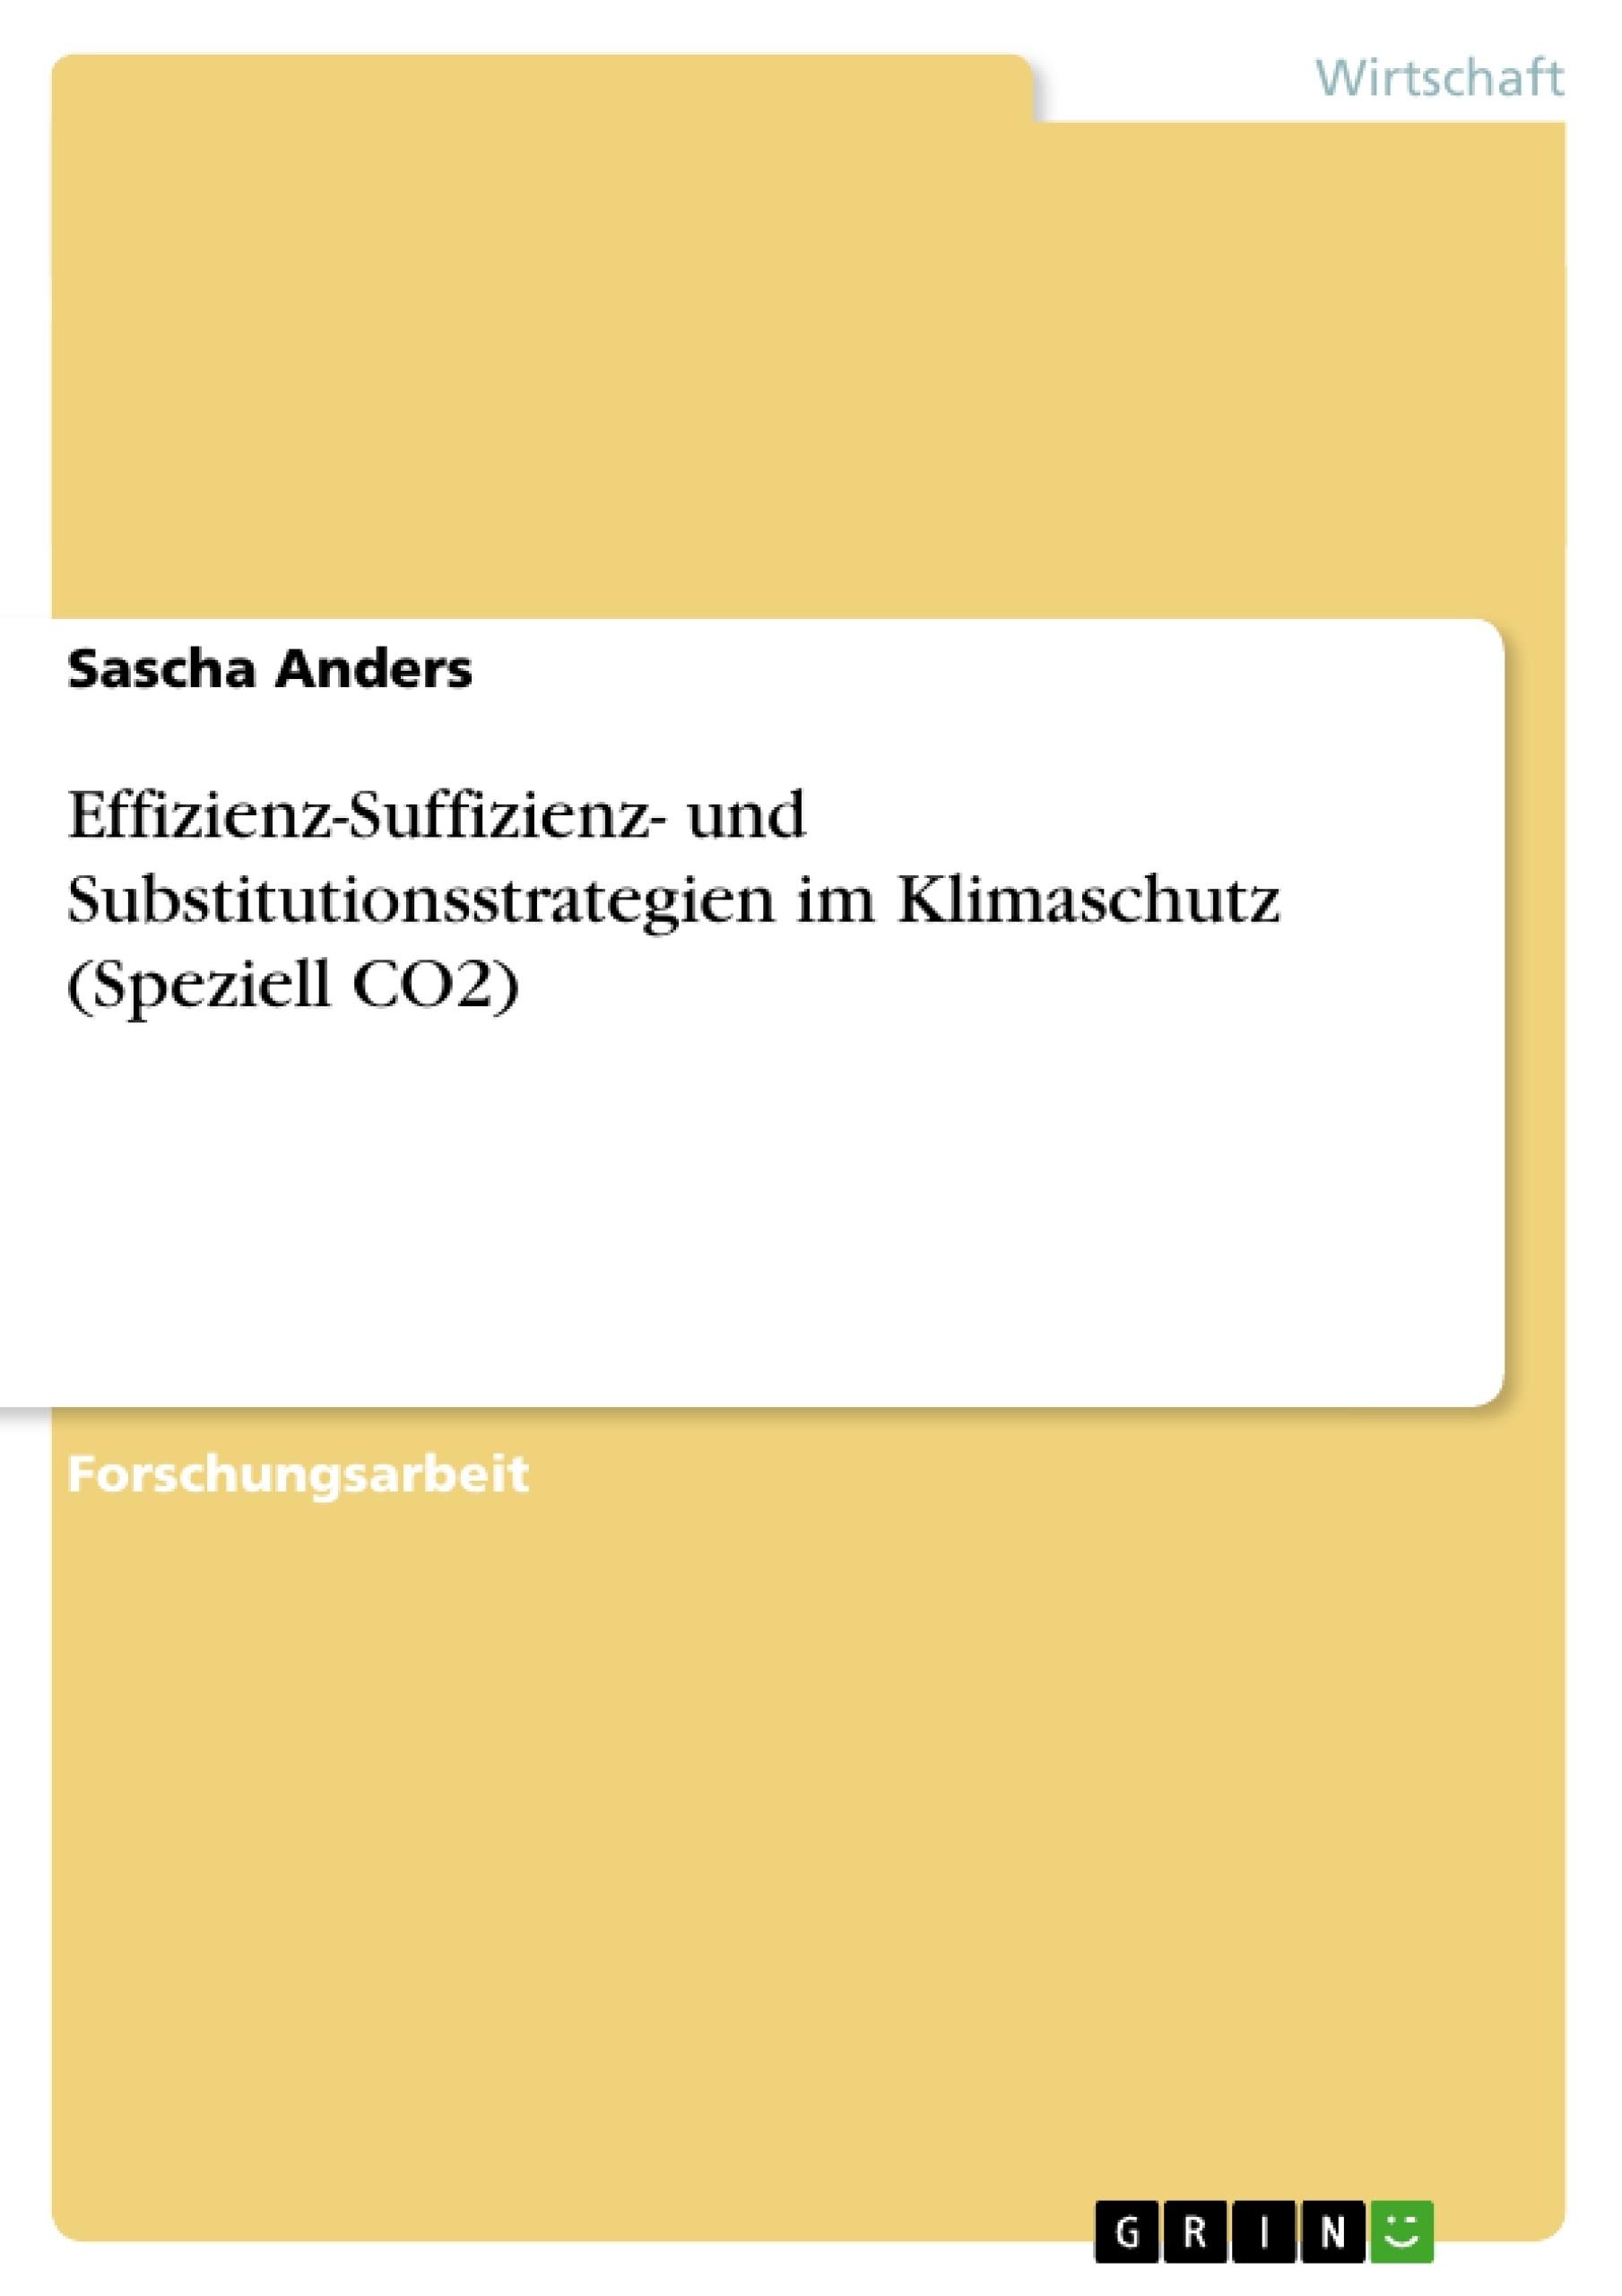 Titel: Effizienz-Suffizienz- und Substitutionsstrategien im Klimaschutz (Speziell CO2)